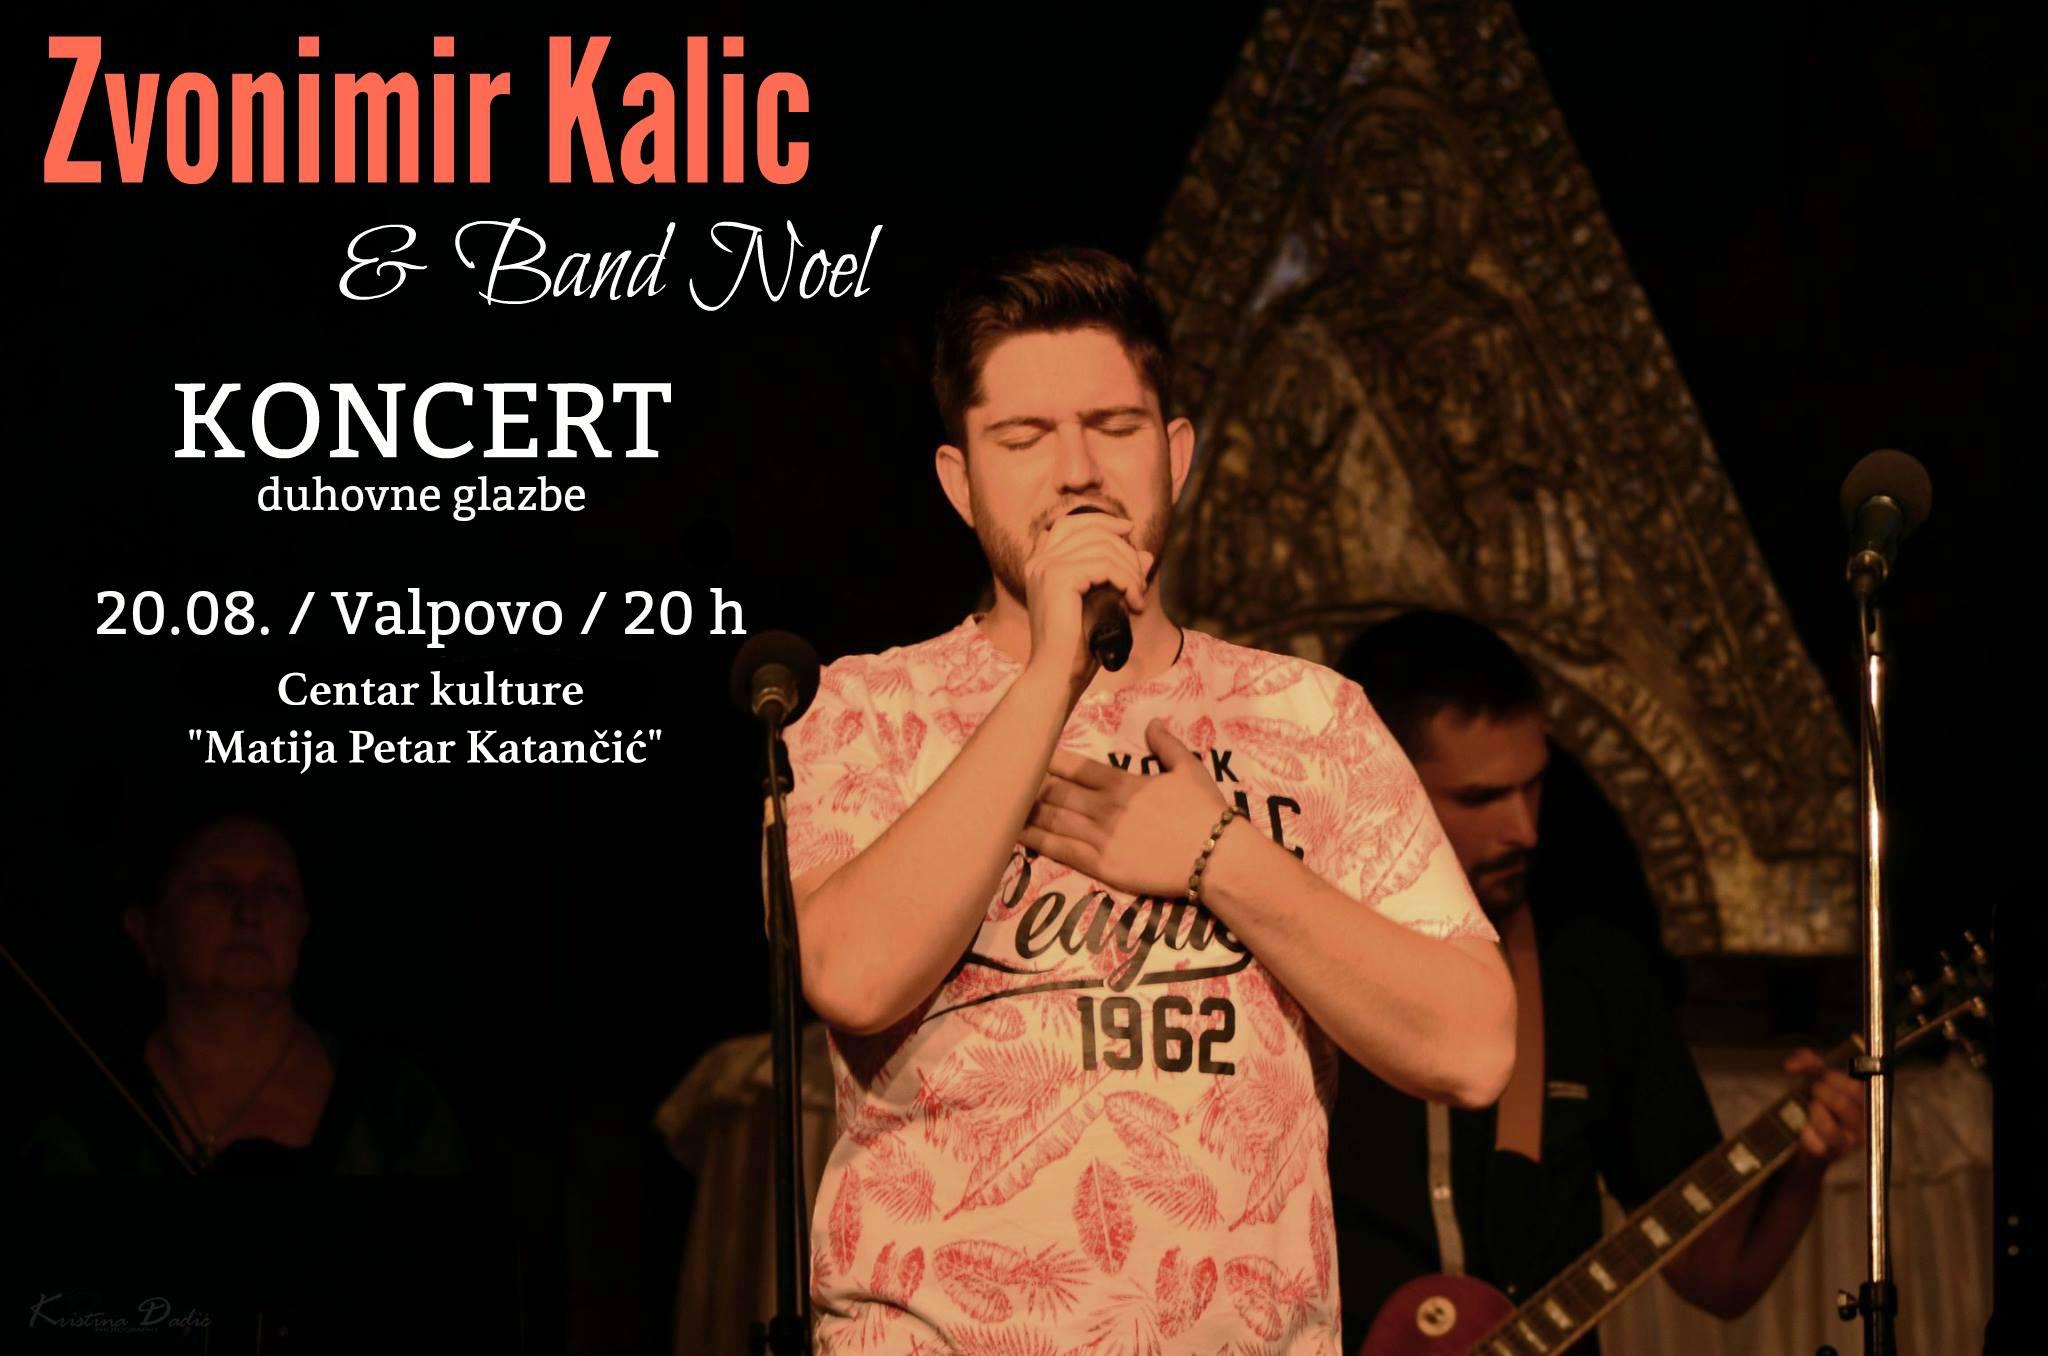 Zvonimir Kalić & Band Noel